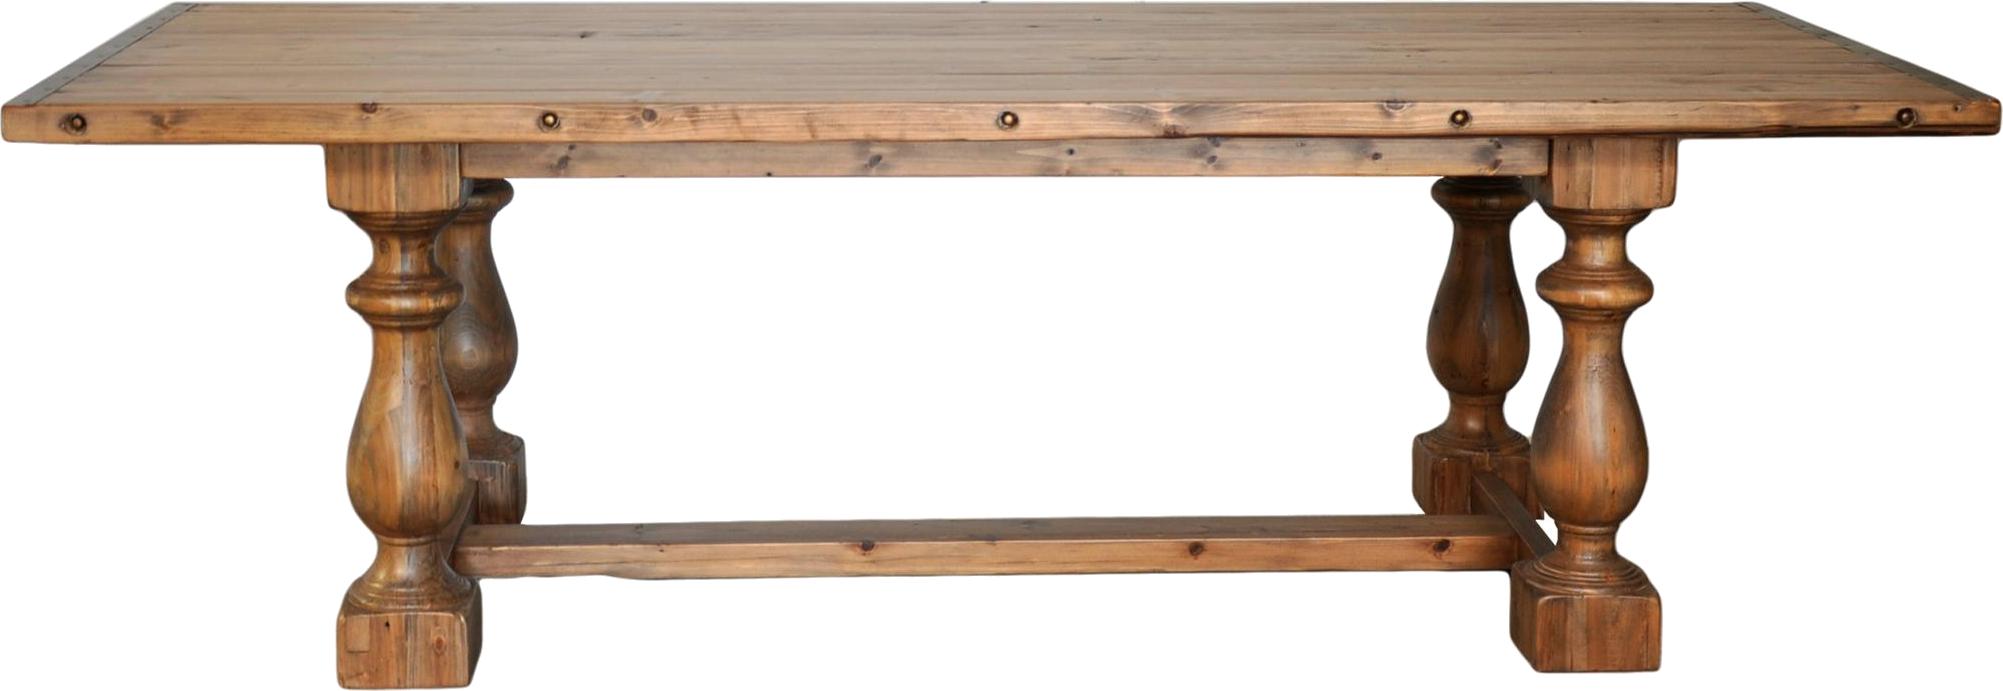 Wood clipart wood table Table Clipart Clipartwork art Wood